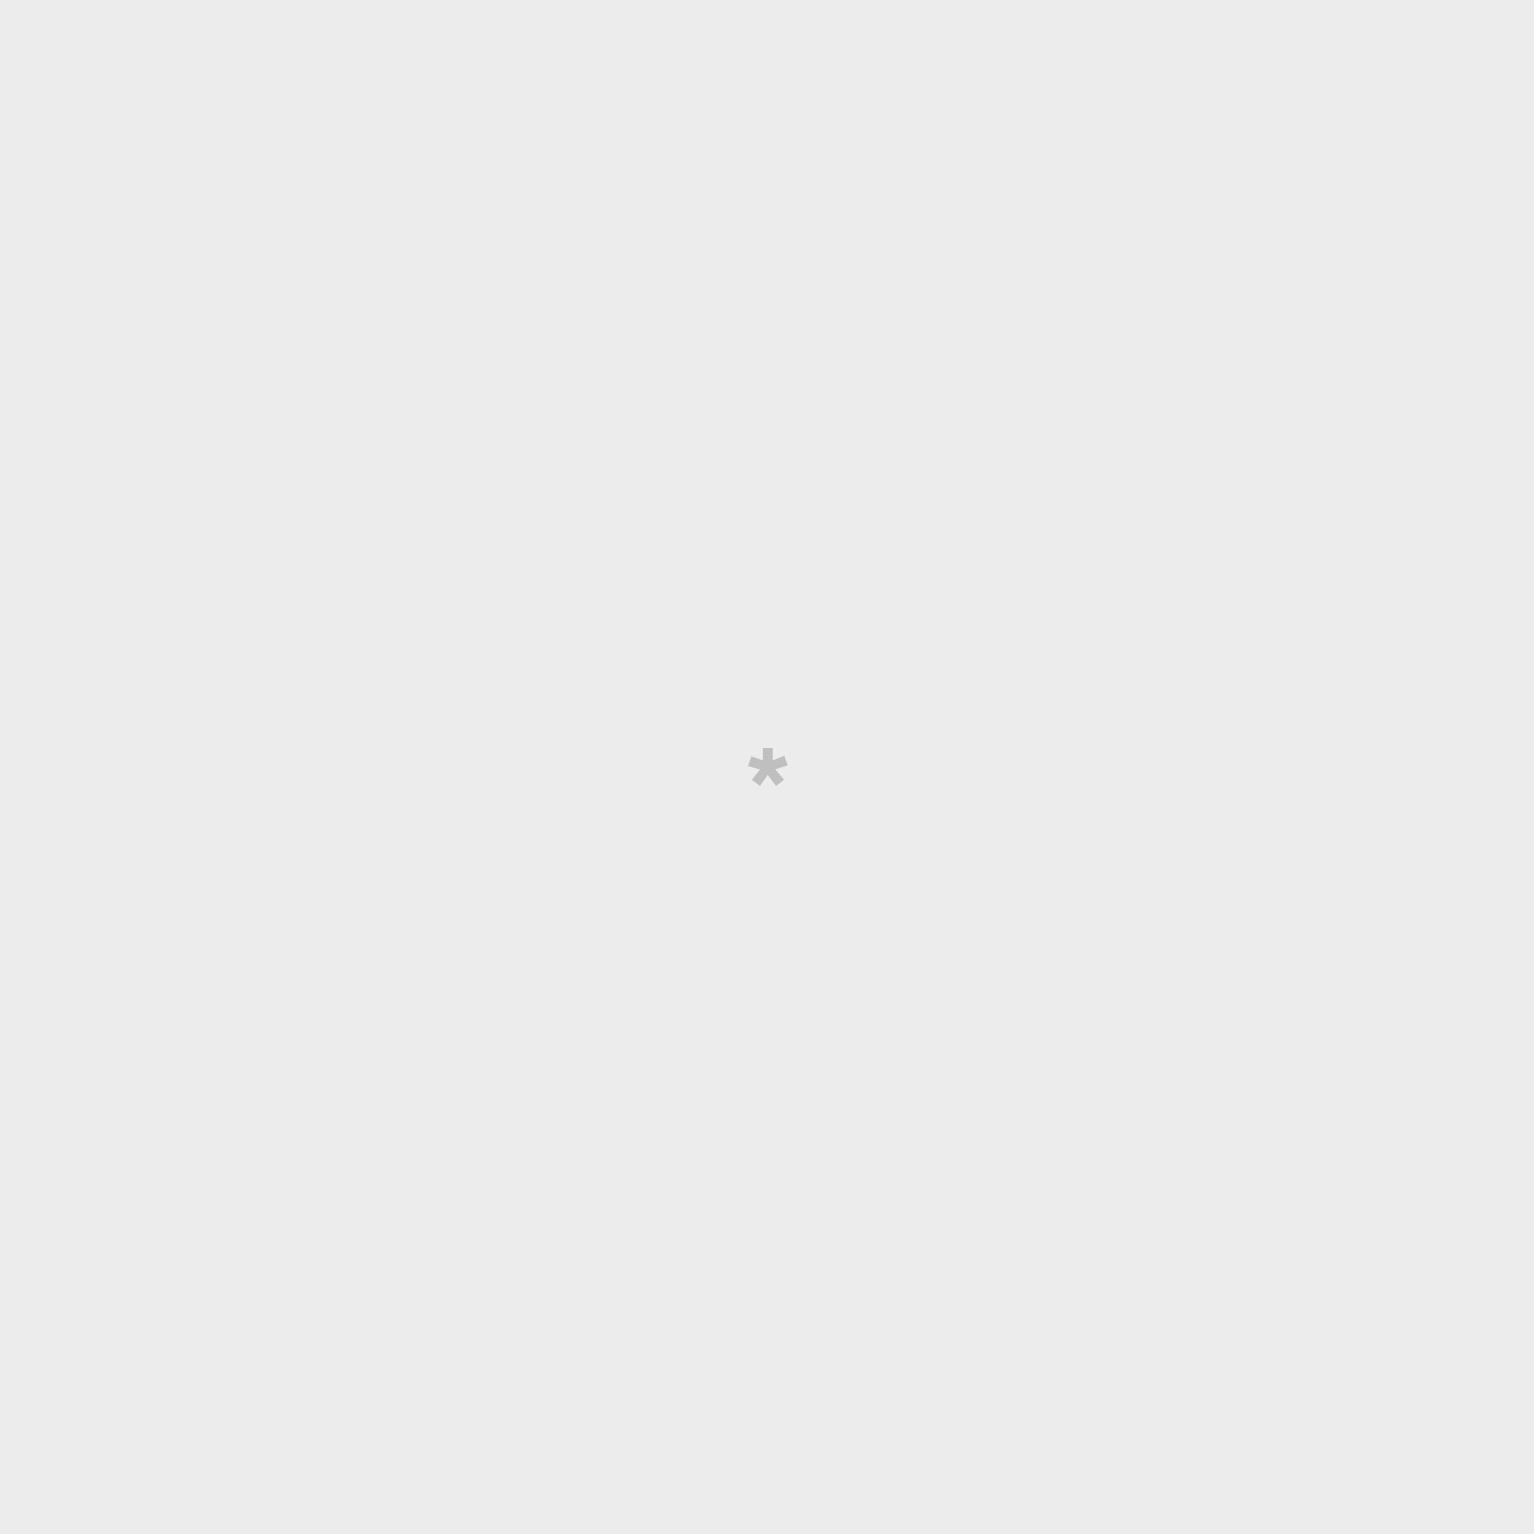 Jogo de lençóis cama de 90cm - Have a great day